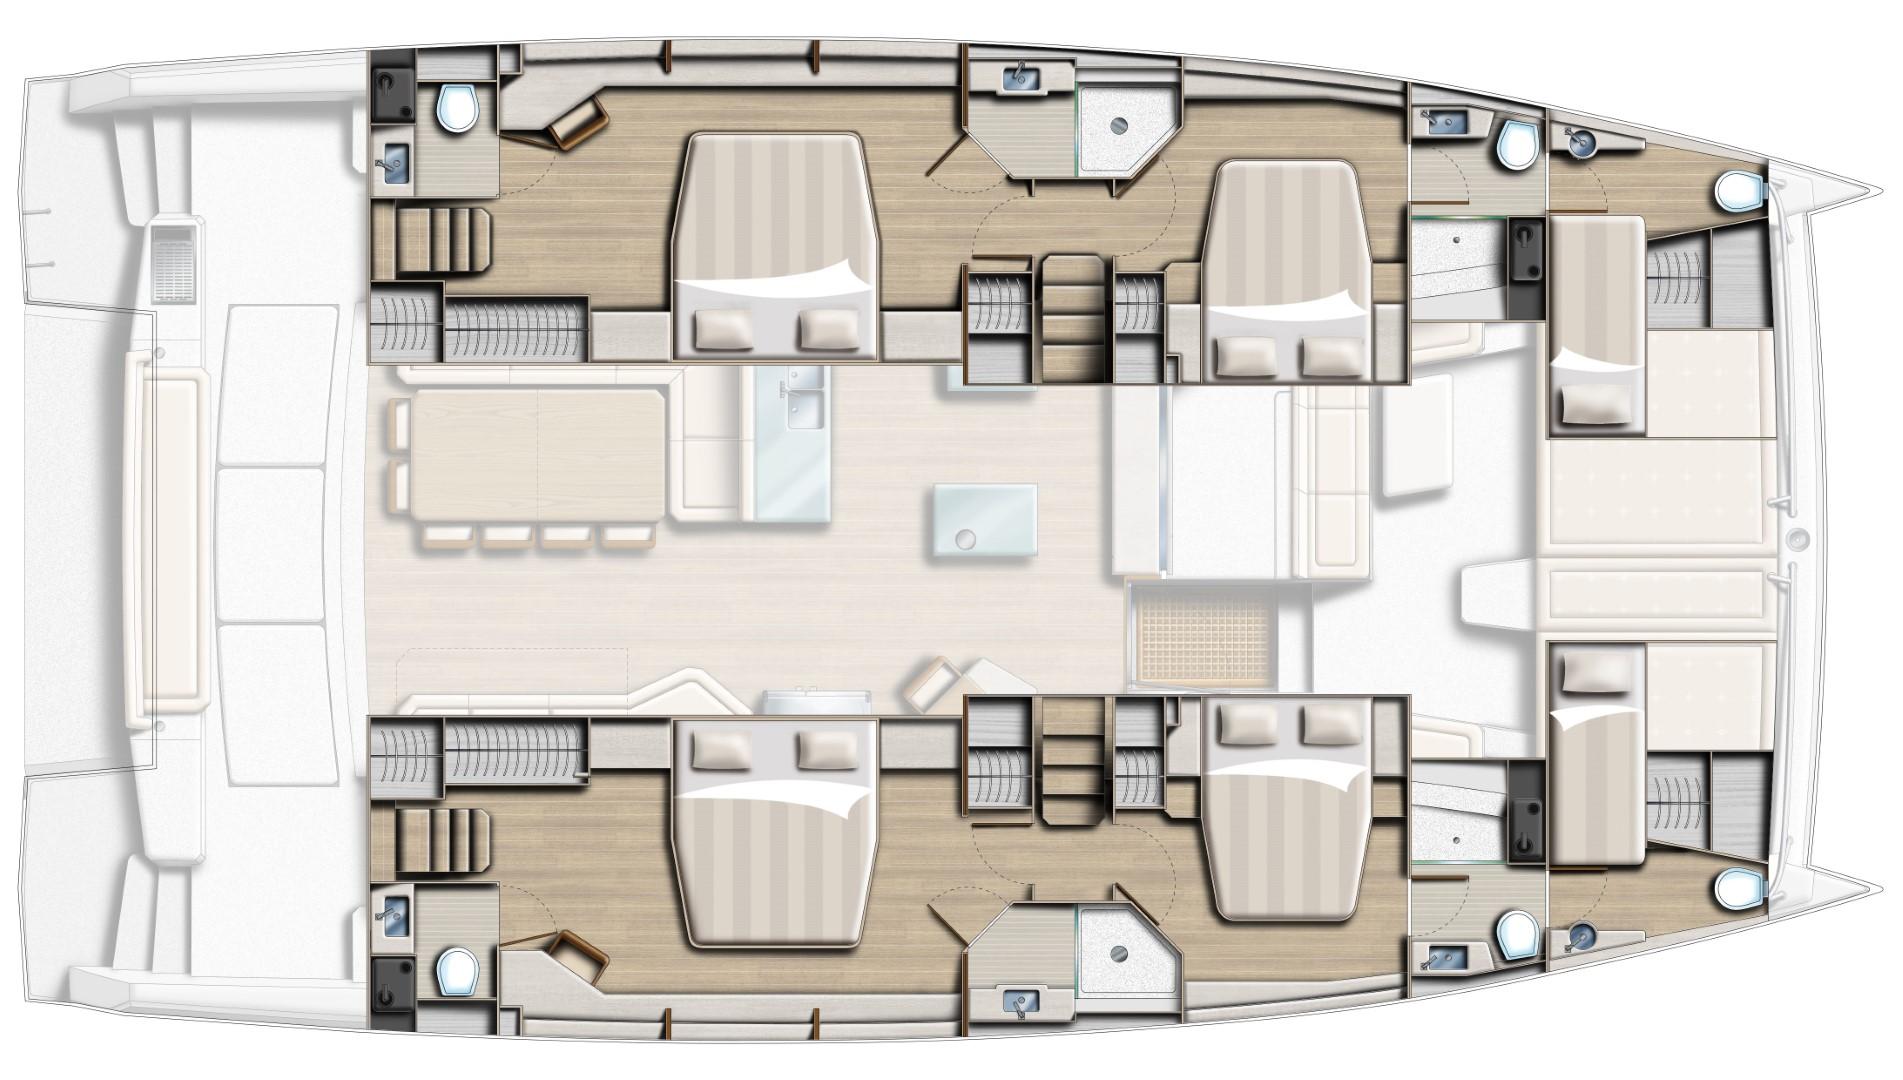 bali-5.4-catamaran-sailing-yacht-charter-boat-4